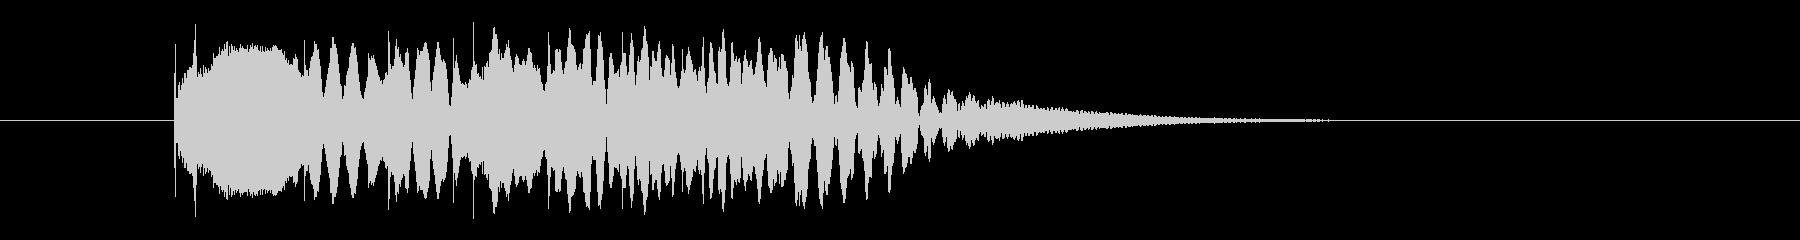 マリンバのグリッサンド(上行)の未再生の波形